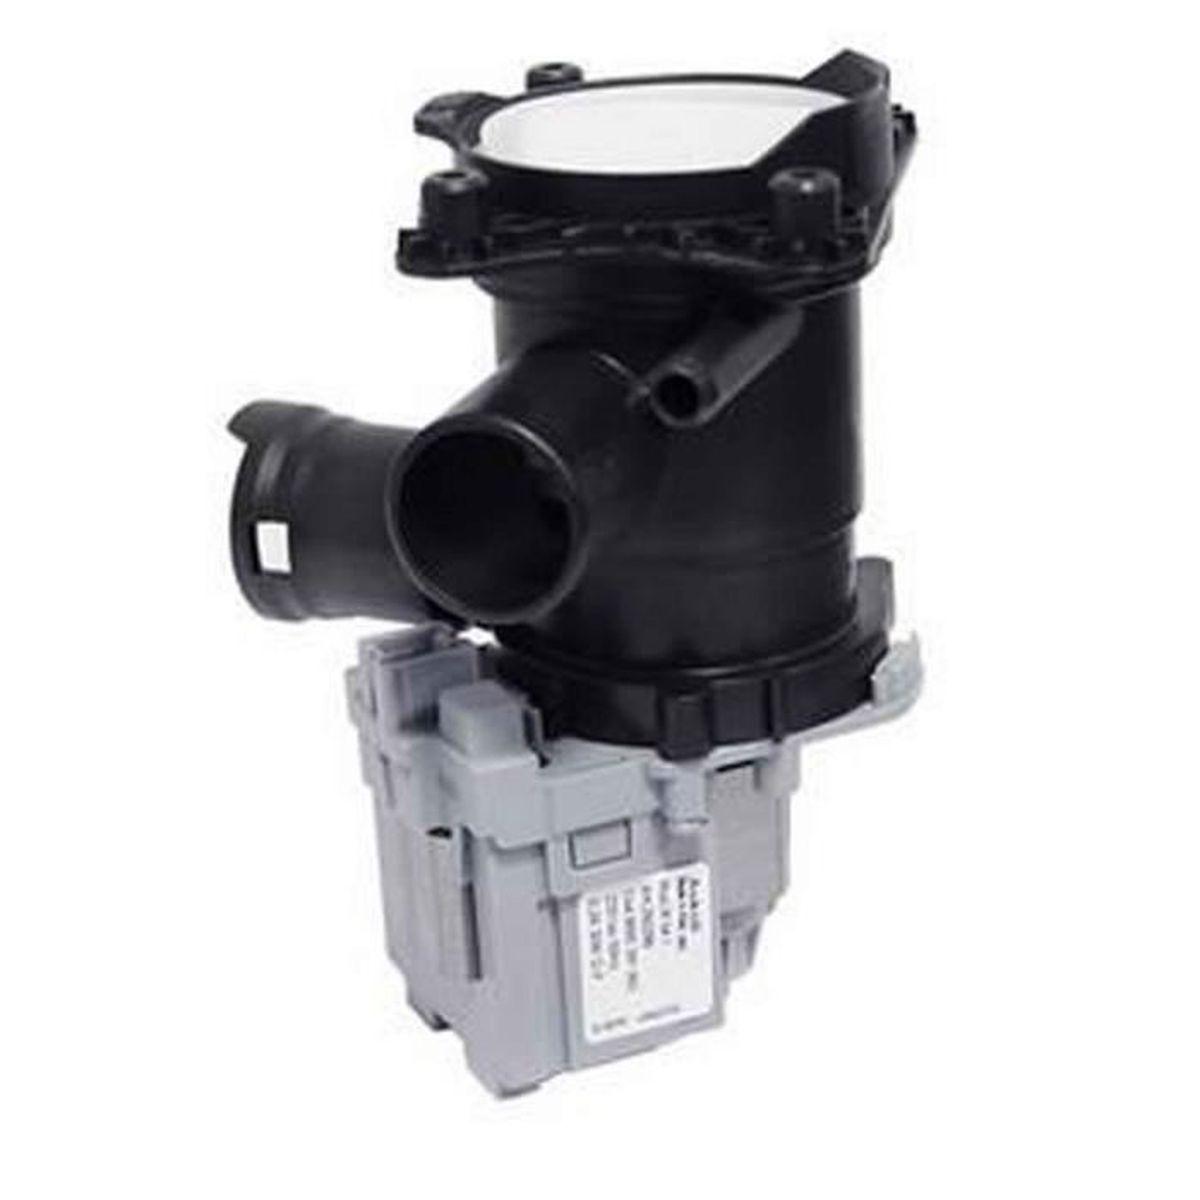 Pompe Vidange Bosch Askoll 00141896 R/éf/érence Pmp020bo Pour Lave Linge Bosch